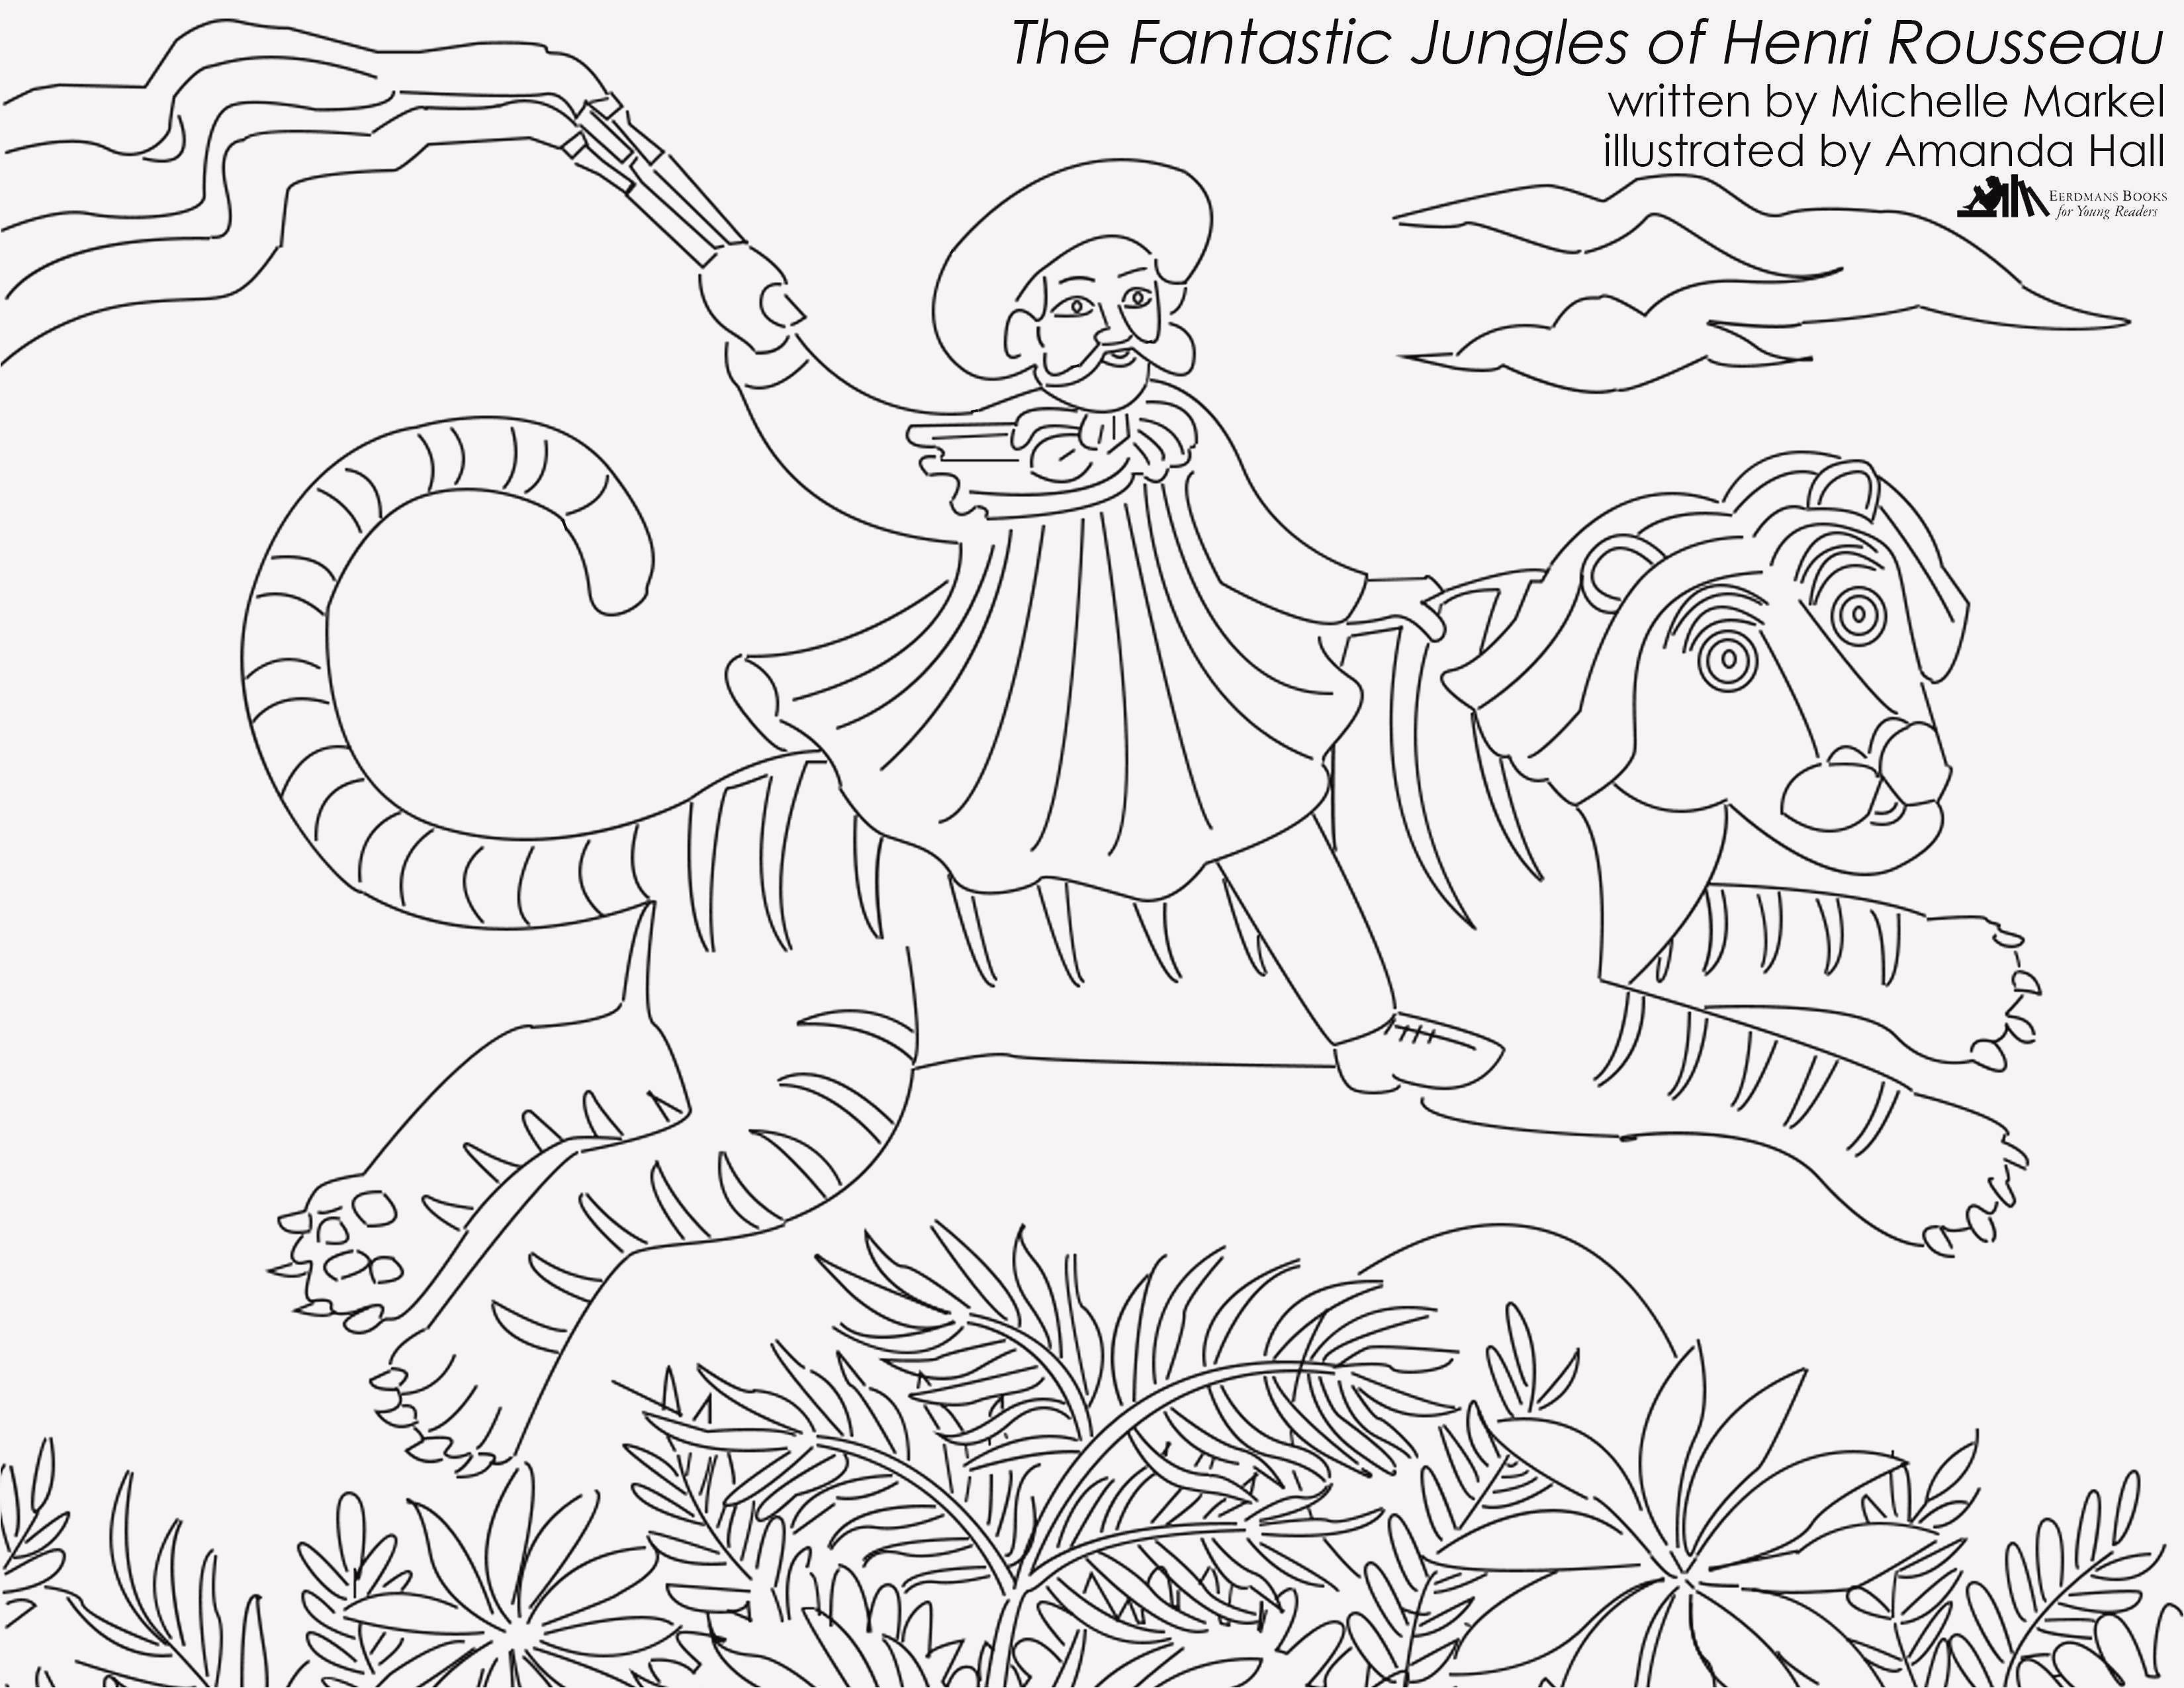 Malvorlagen Hello Kitty Einzigartig 25 Druckbar Malvorlagen Weihnachten Hello Kitty Fotografieren